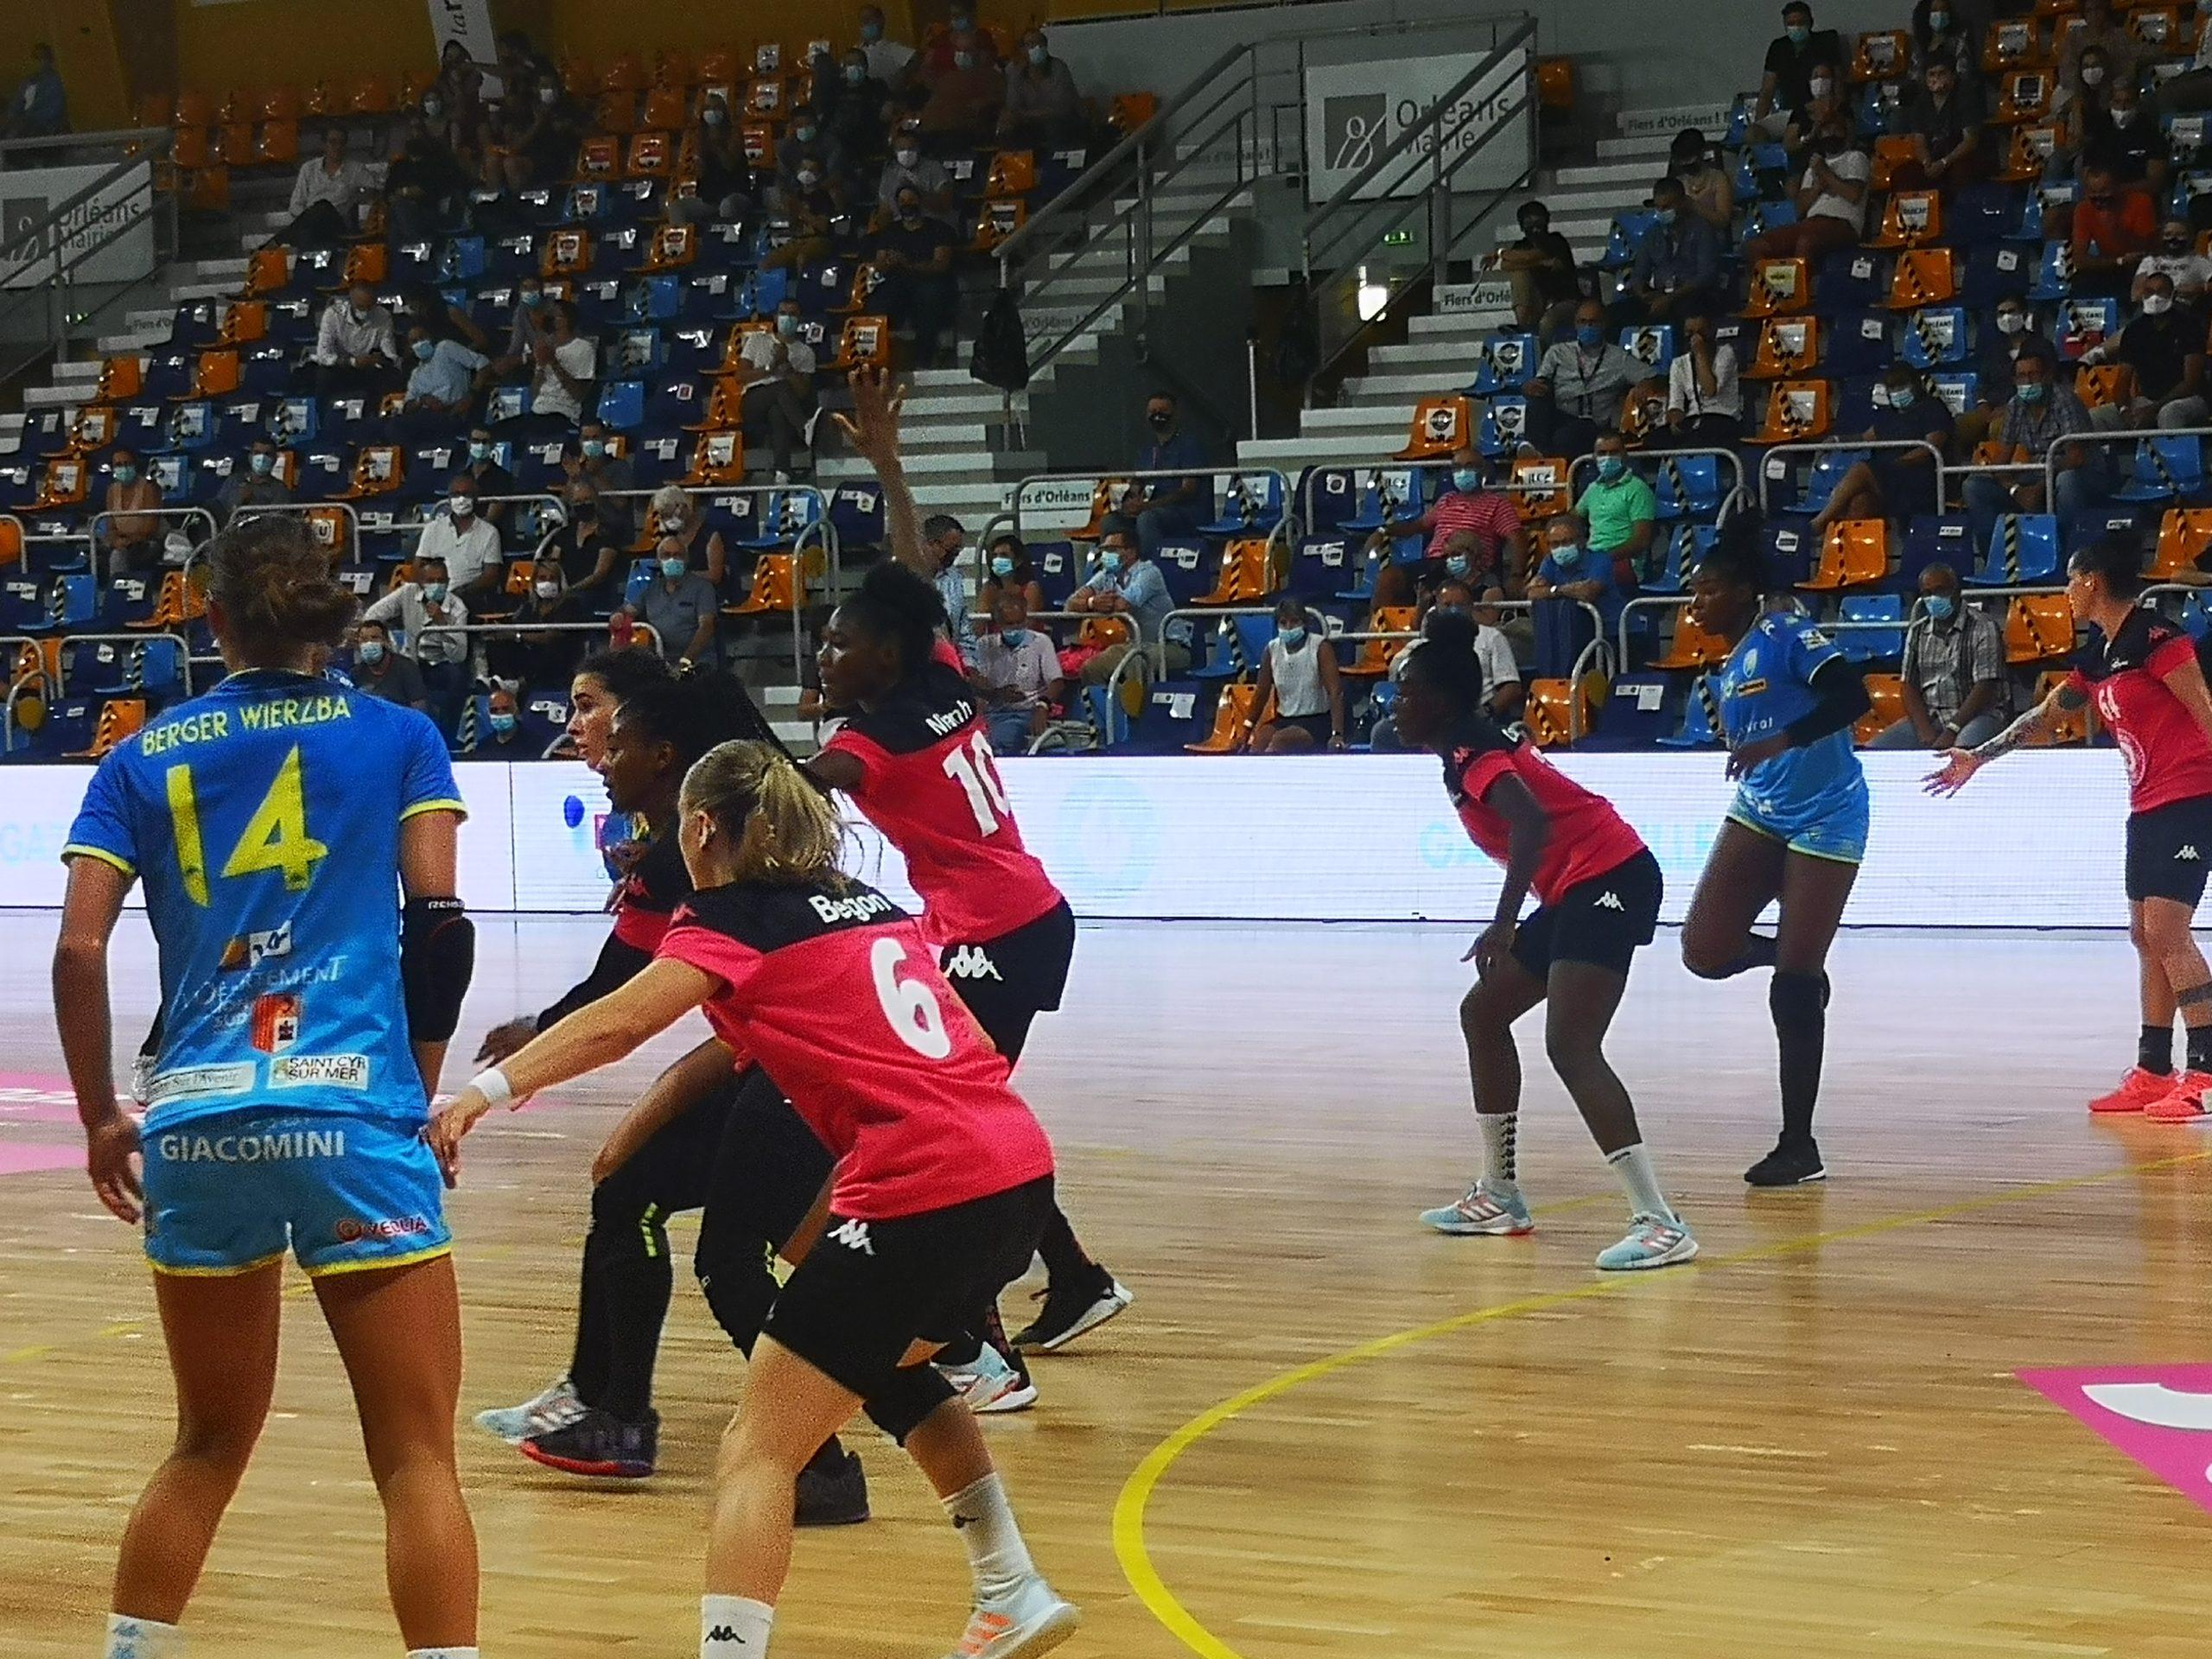 les panthères fleury handball sport féminin orléans